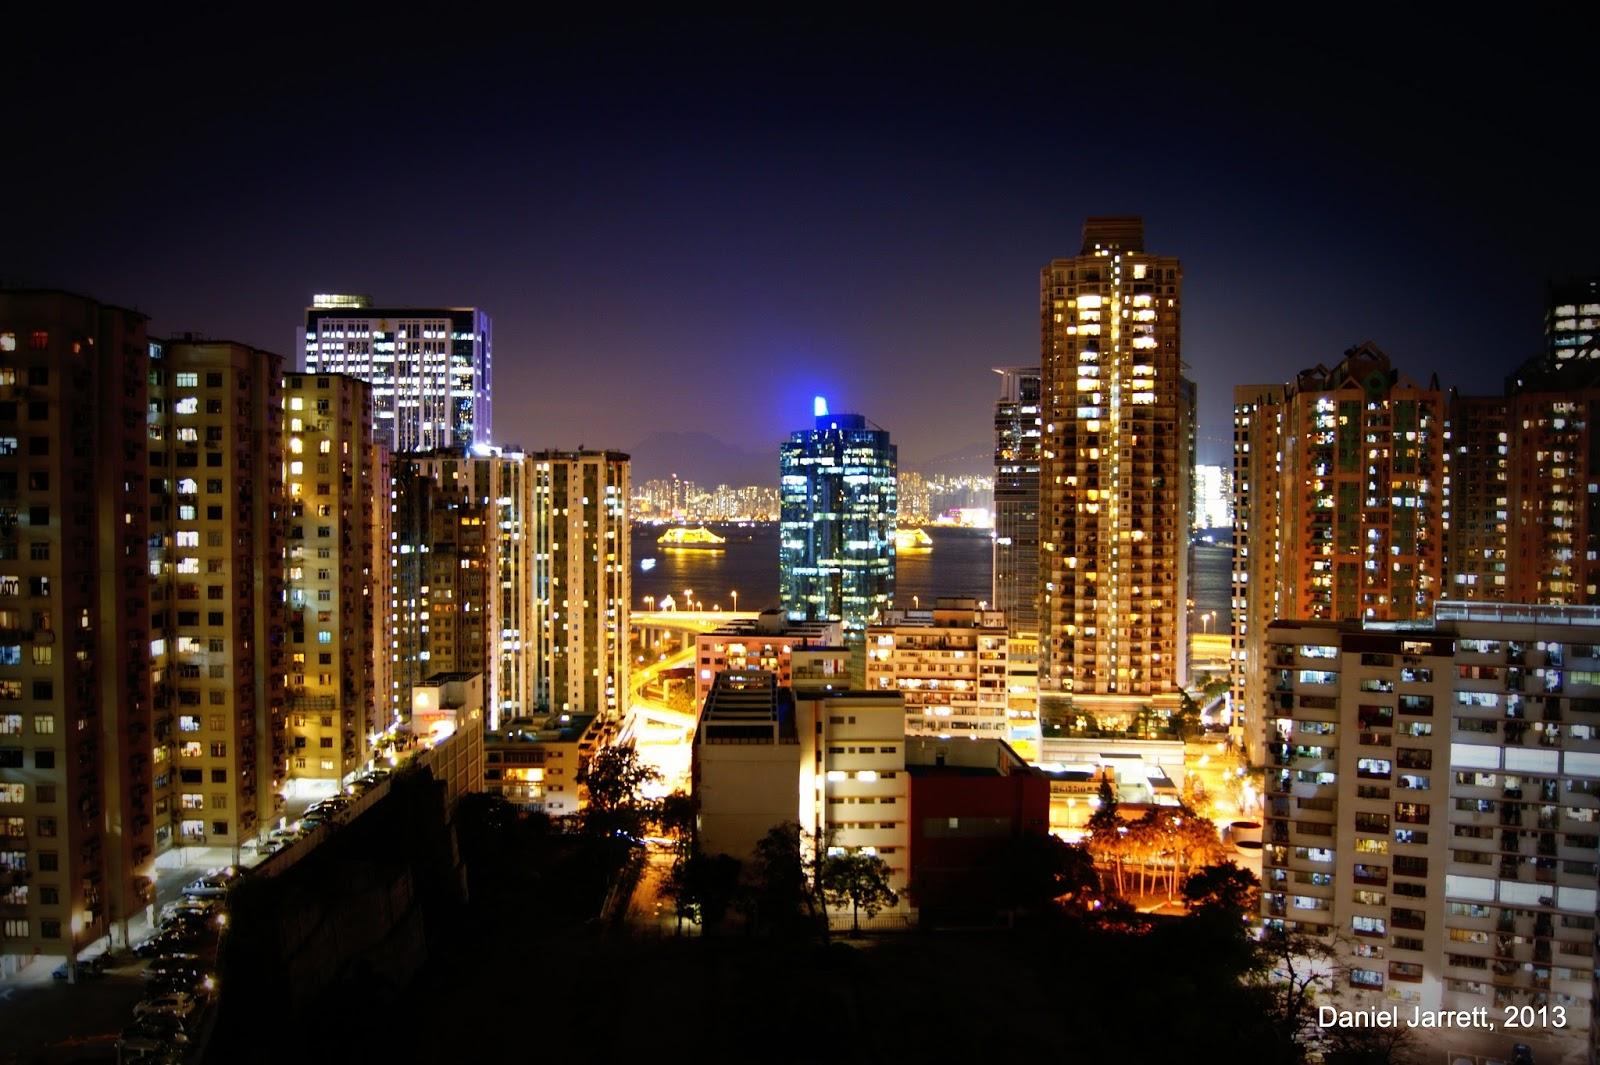 Hong Kong Night Views